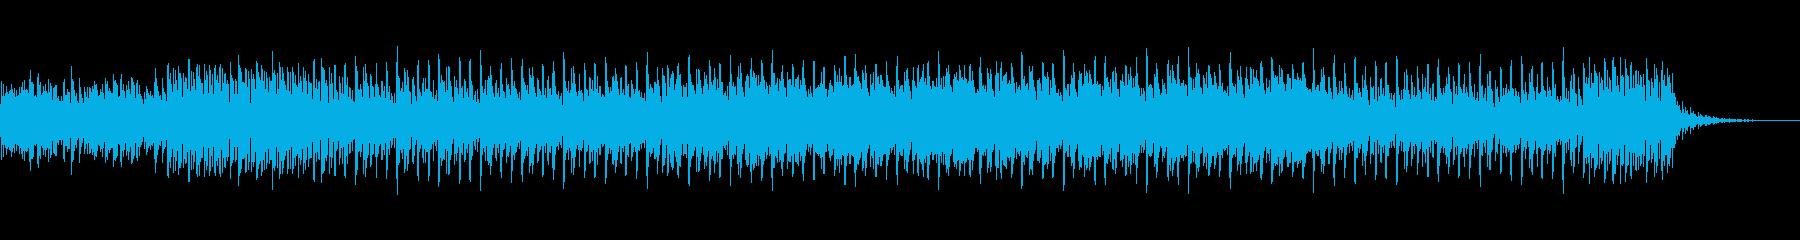 スピード感ある近未来なメロディーの再生済みの波形